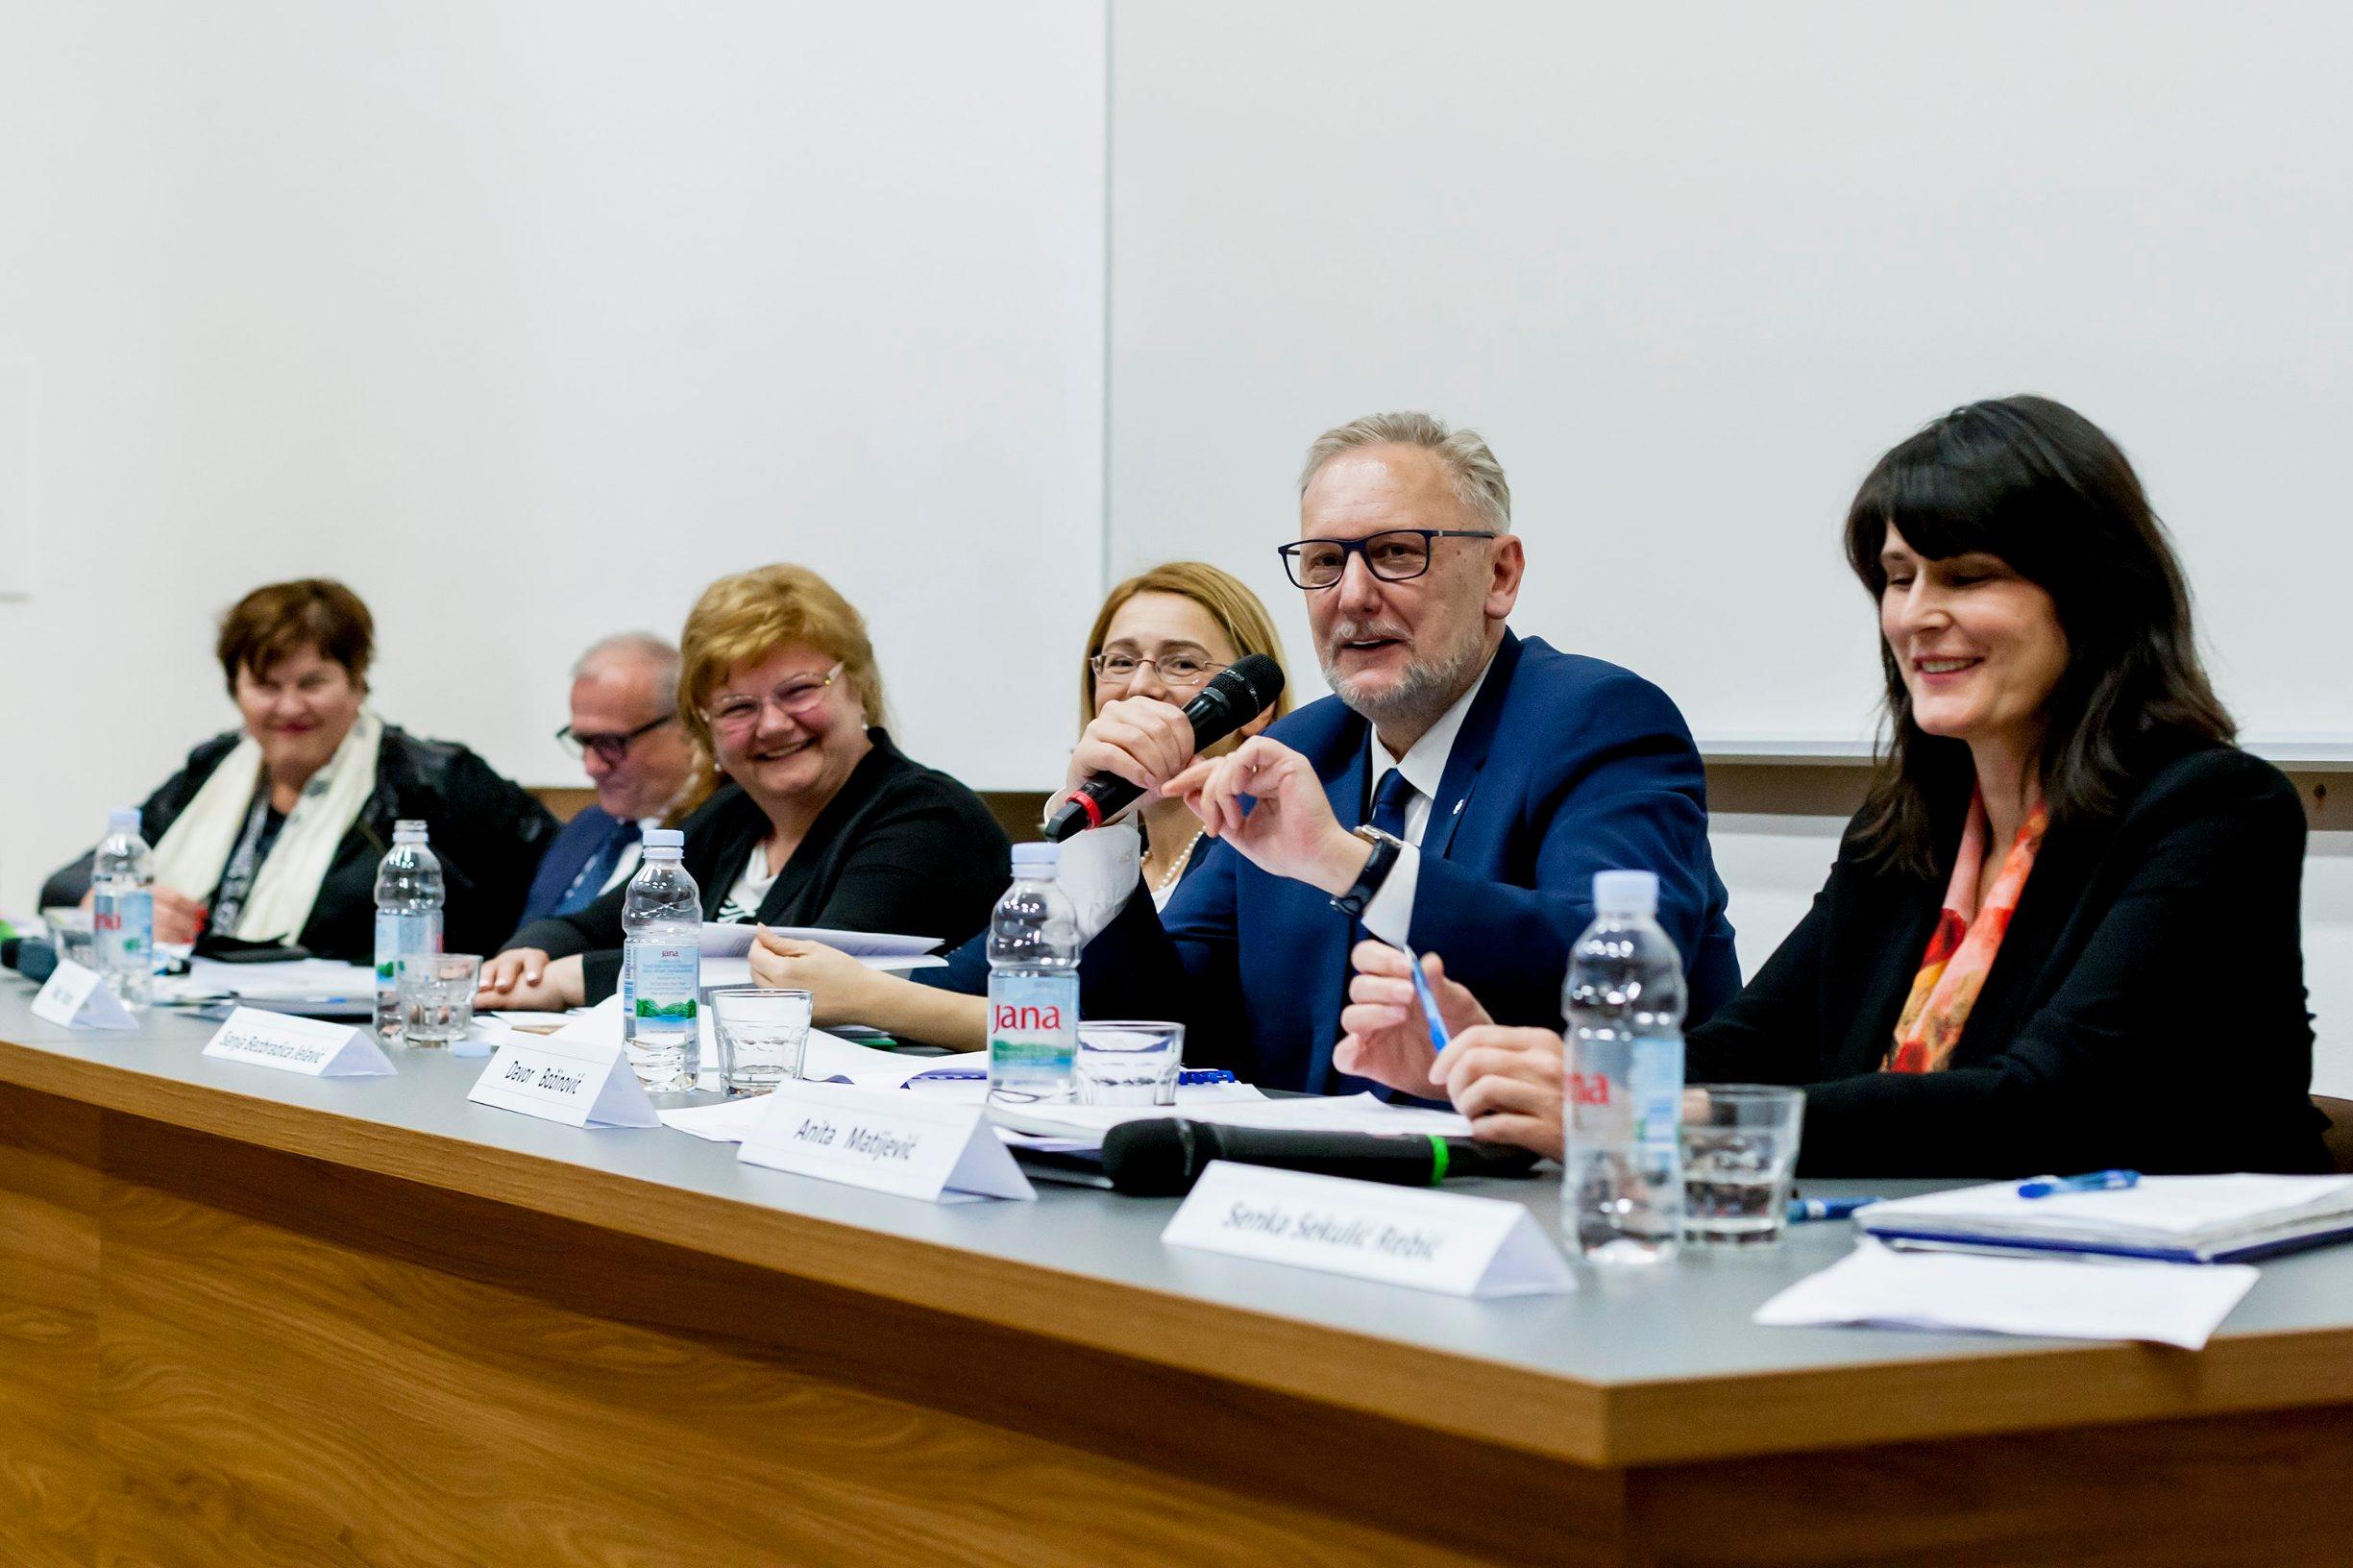 (s lijeva na desno) Ljubica Matijević Vrsaljko, Dražen Bošnjaković, Nada Murganić, Sanja Bezbradica Jelavić, Davor Božinović, Anita Matijević